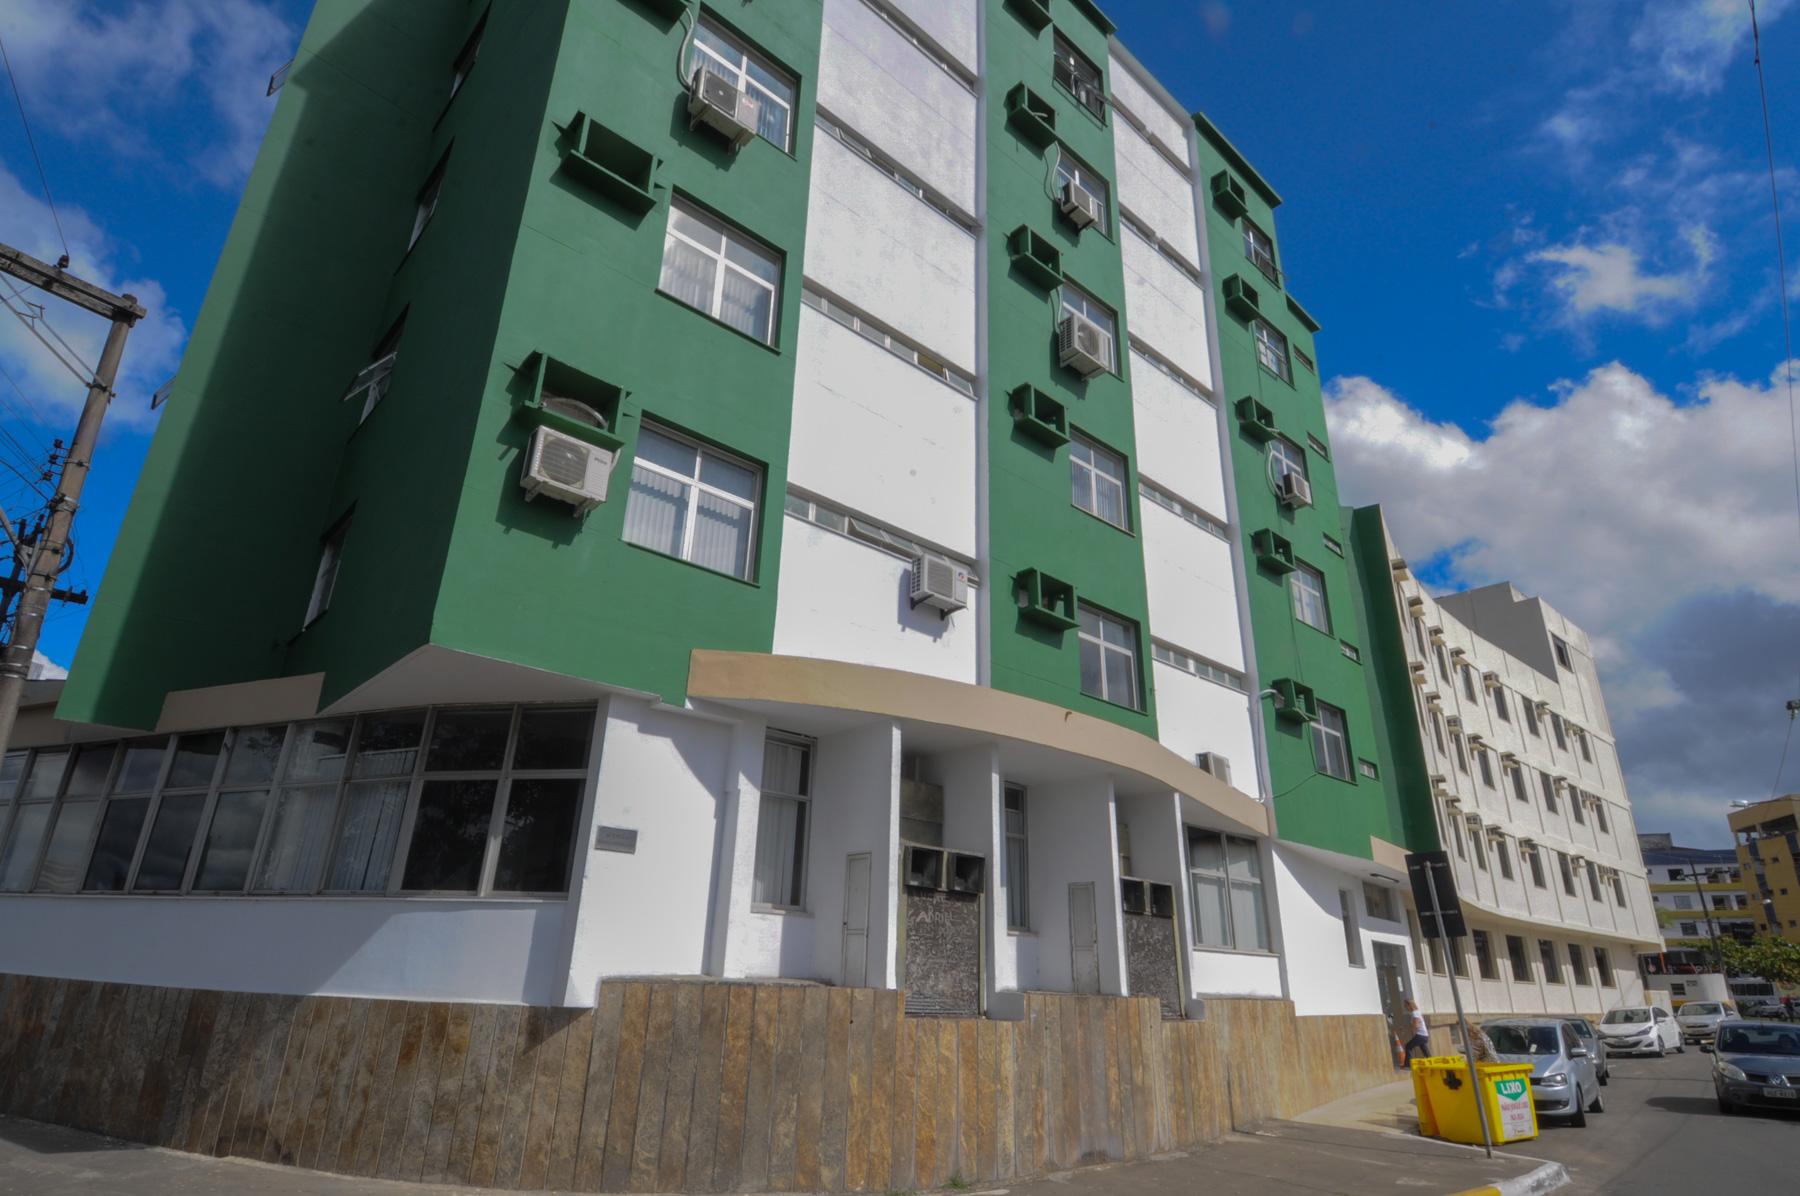 Fachada-do-novo-prédio-que-abriga-a-Secretaria-Municipal-de-Saúde-Foto-Gabriel-de-Oliveira-2